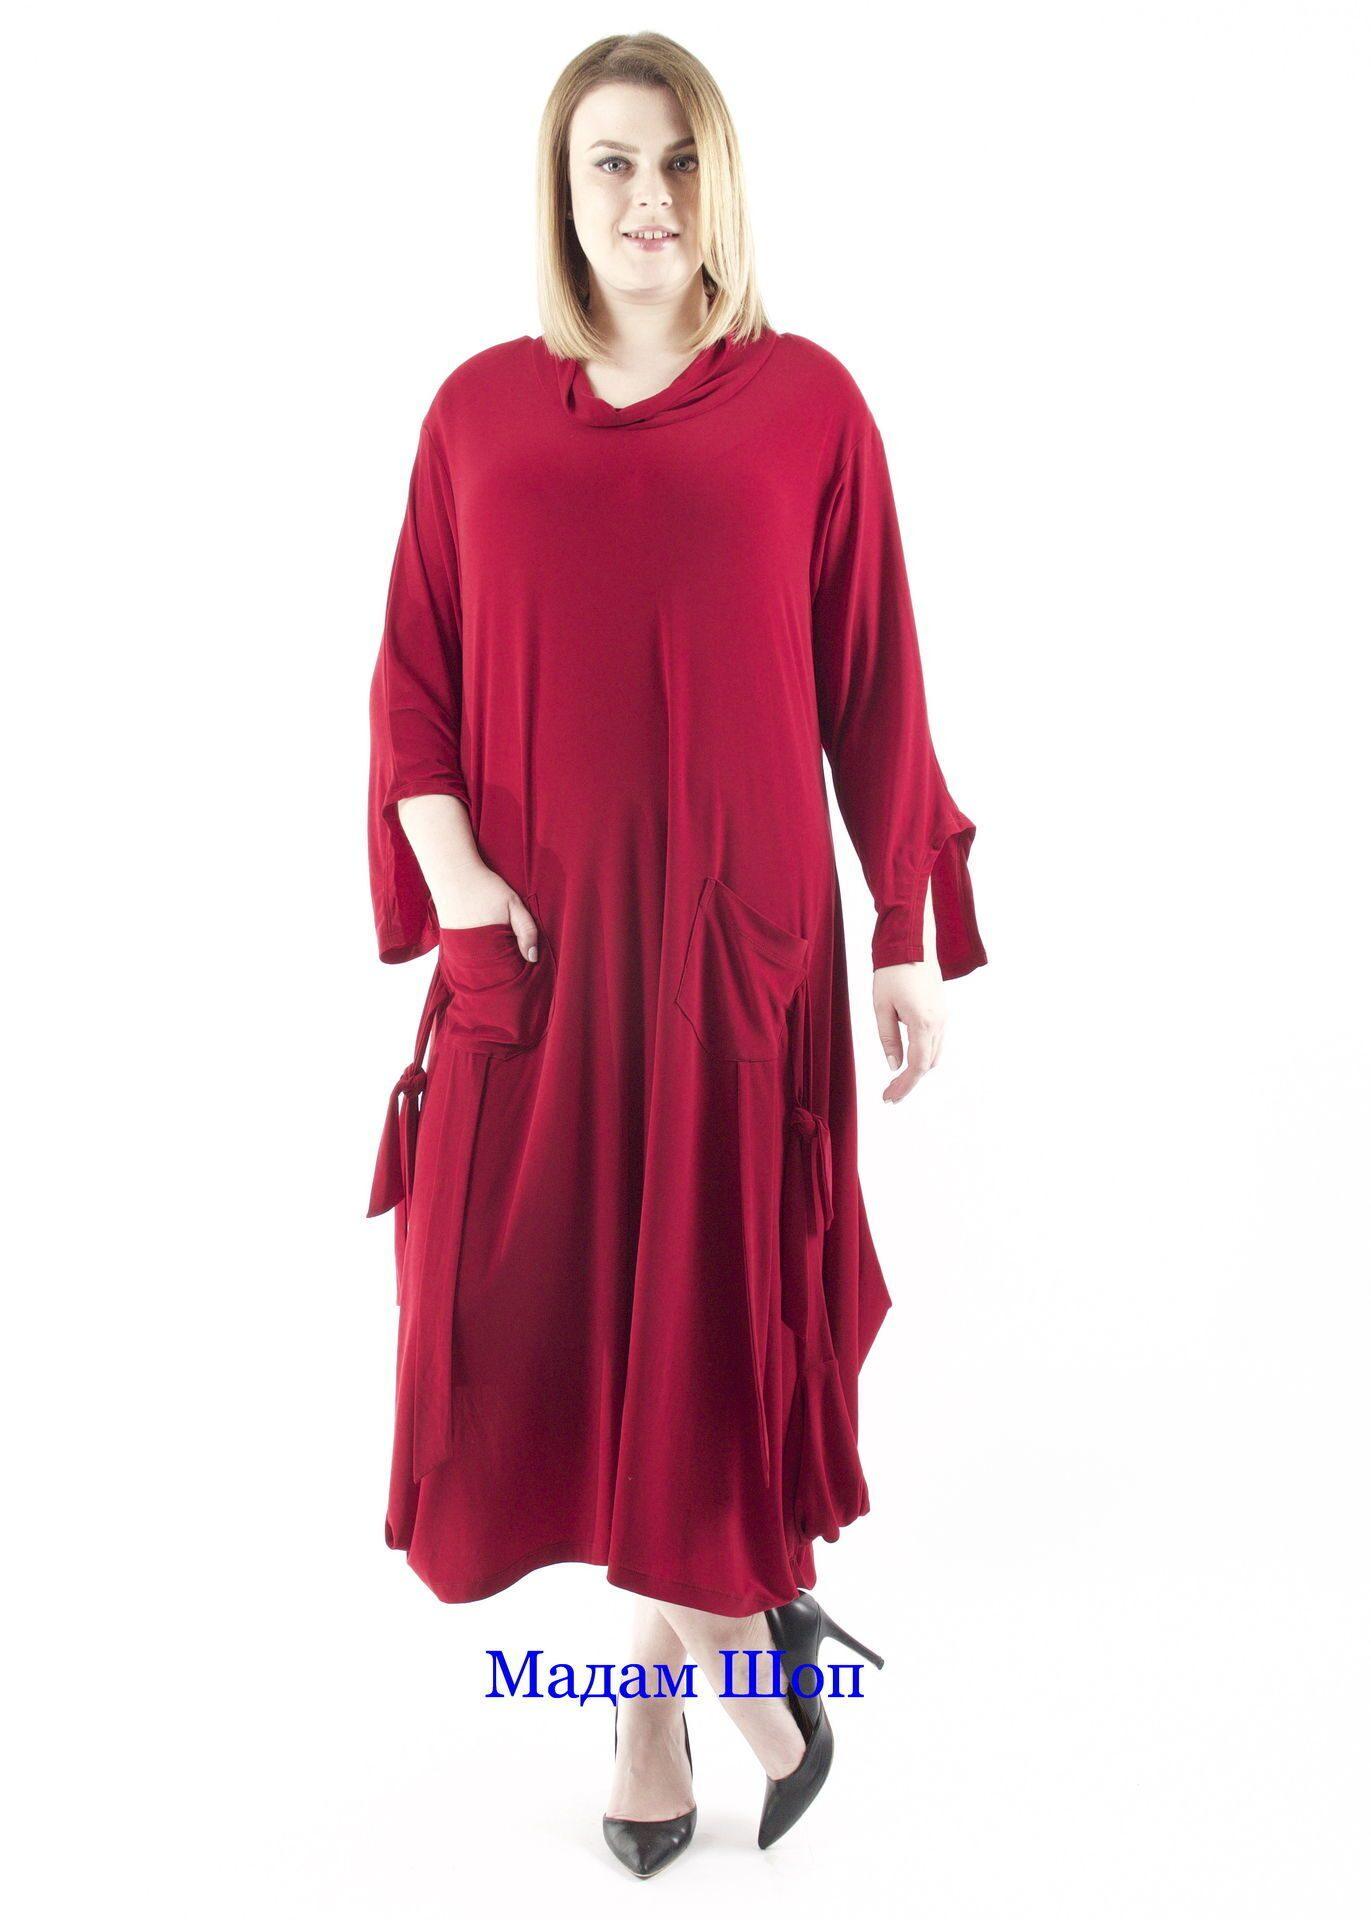 084de3bfc63 Длинное бордовое платье с четырьмя карманами